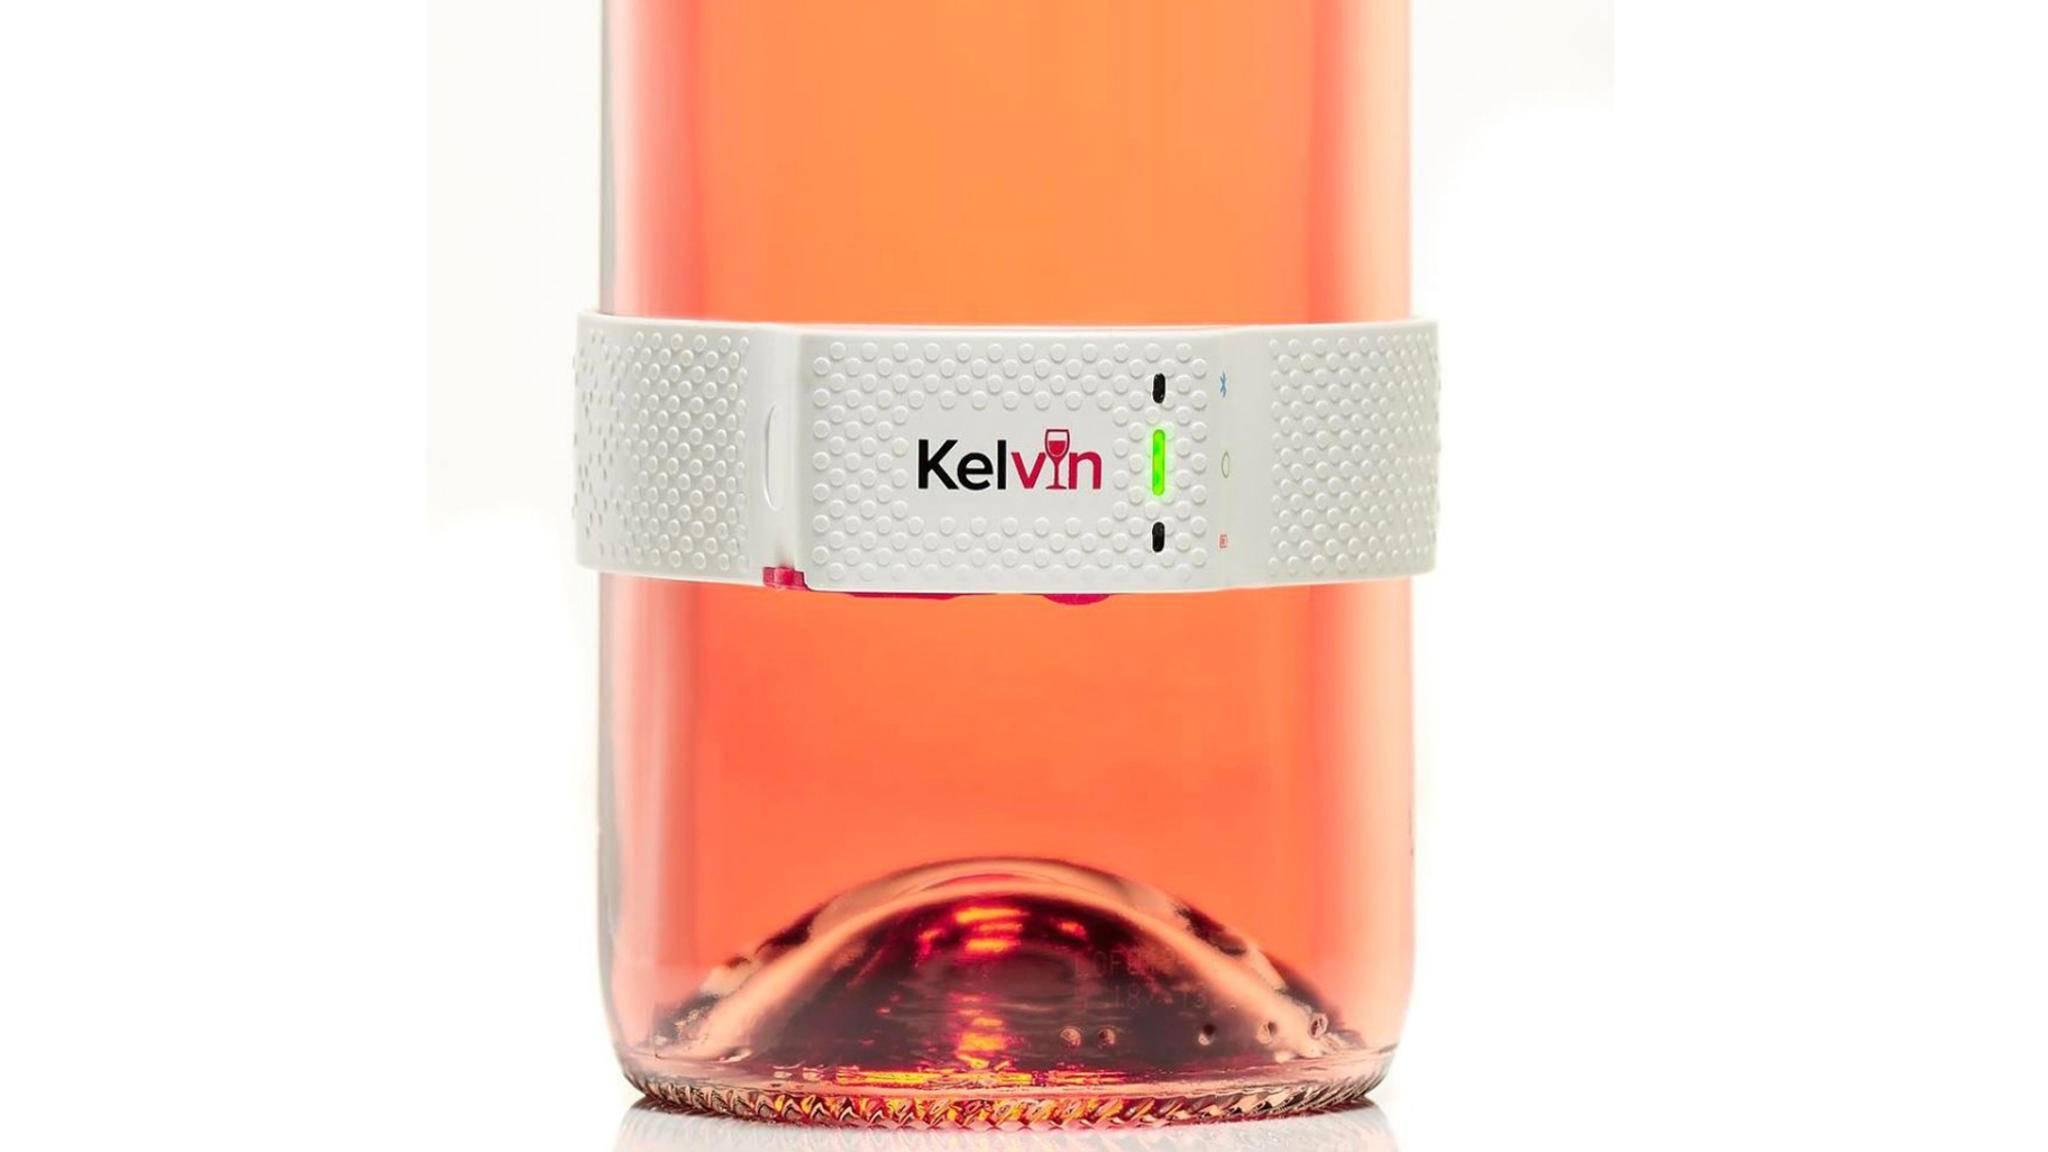 Ob Rotwein, Weißwein oder Rosé: Kelvin K2 kennt die ideale Temperatur für den guten Tropfen.